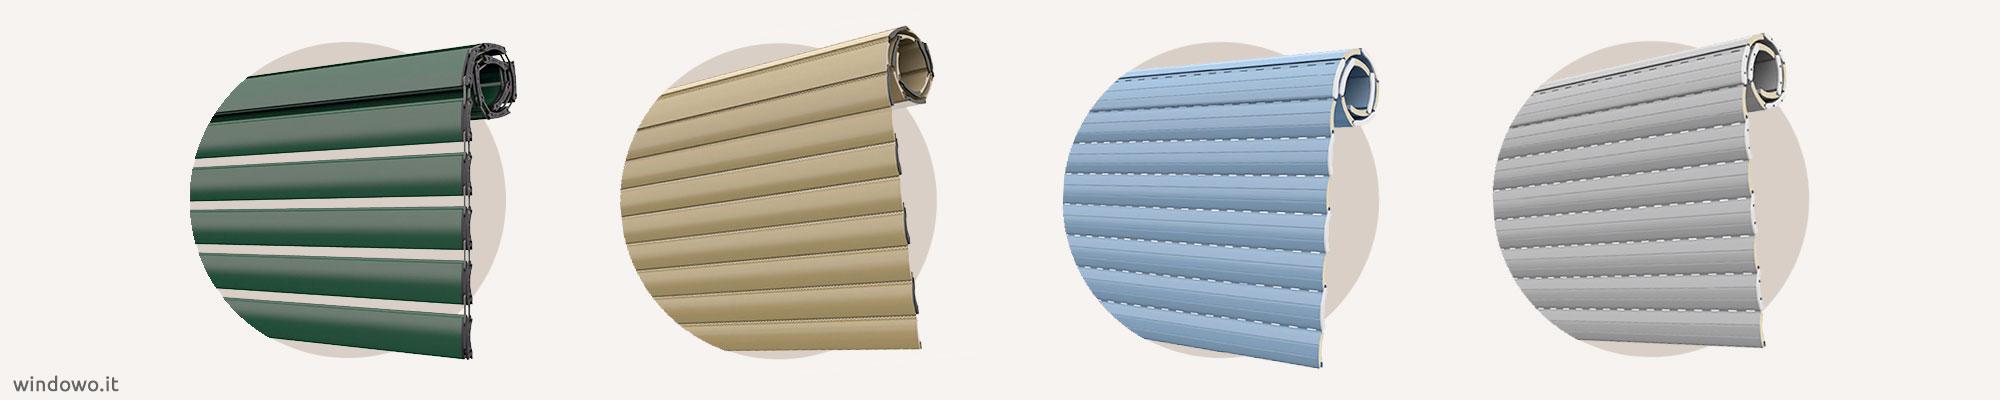 Tapparella avvolgibile in alluminio coibentato ad alta densità · gomma · alluminio estruso € 6,99 · nessuno · in basso € 17,40 · a metà altezza € 17,40 · in alto € 17. Tapparelle In Alluminio Coibentato Prezzi Online Windowo